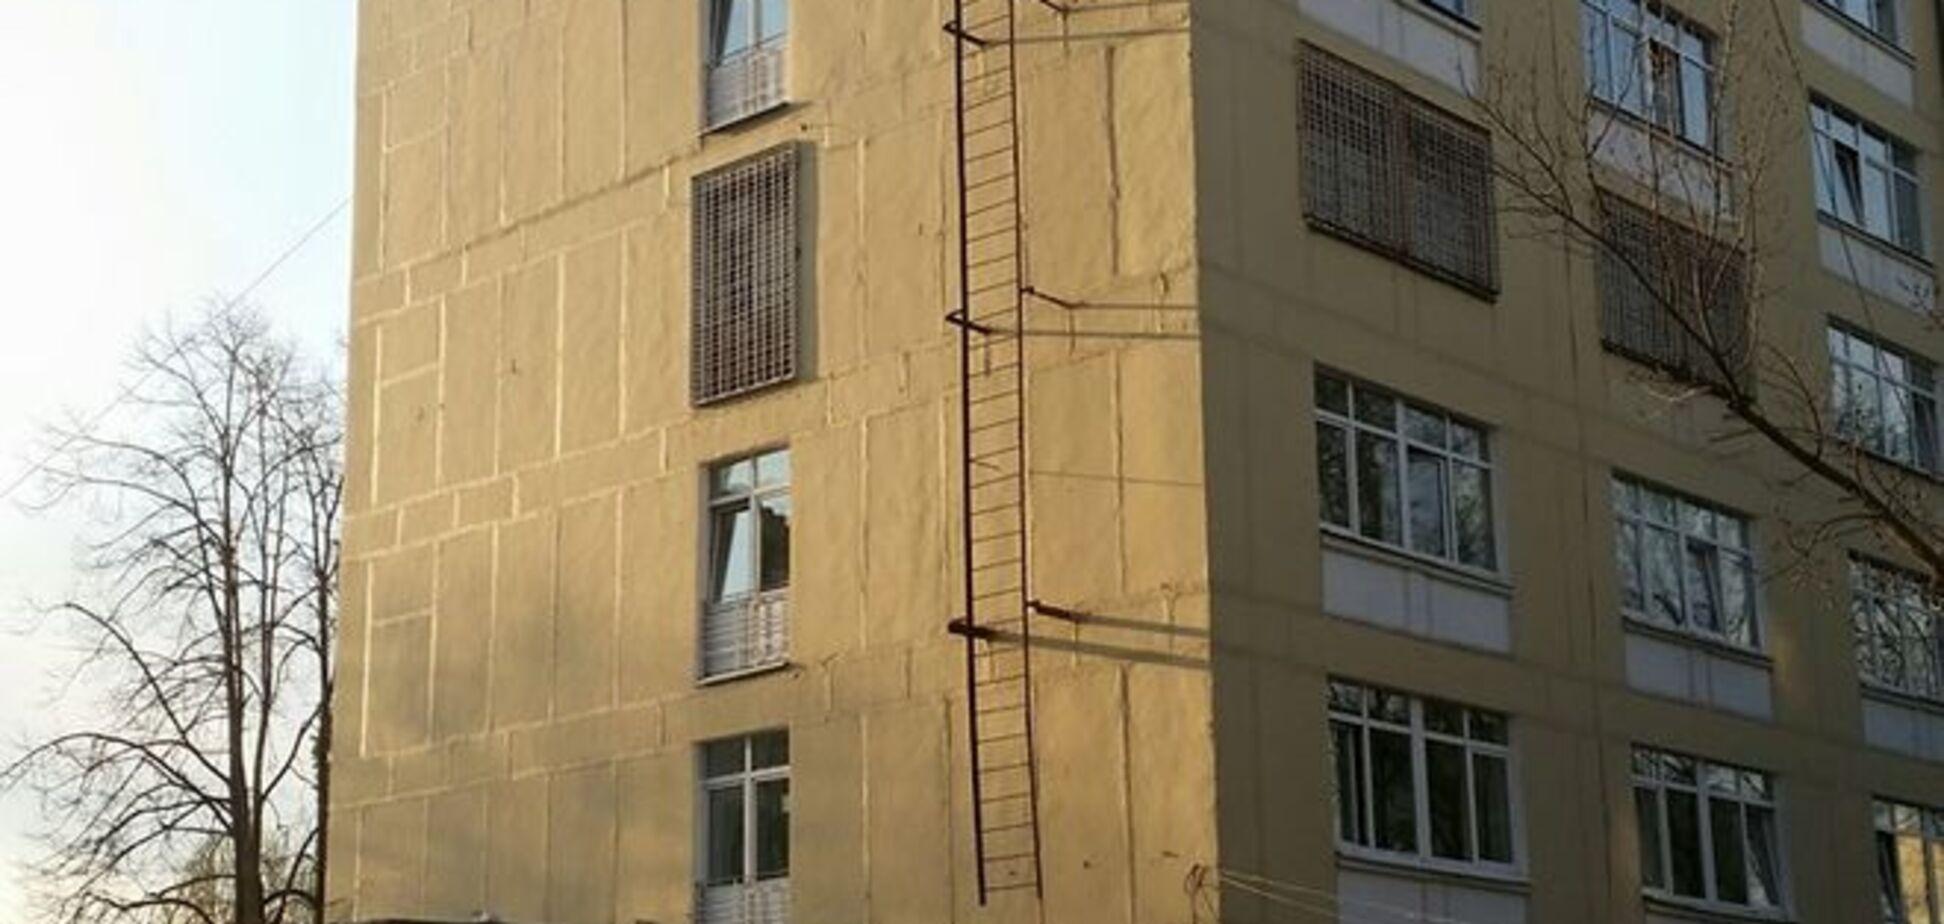 Адвокат Савченко об условиях в больнице: хуже чем в СИЗО